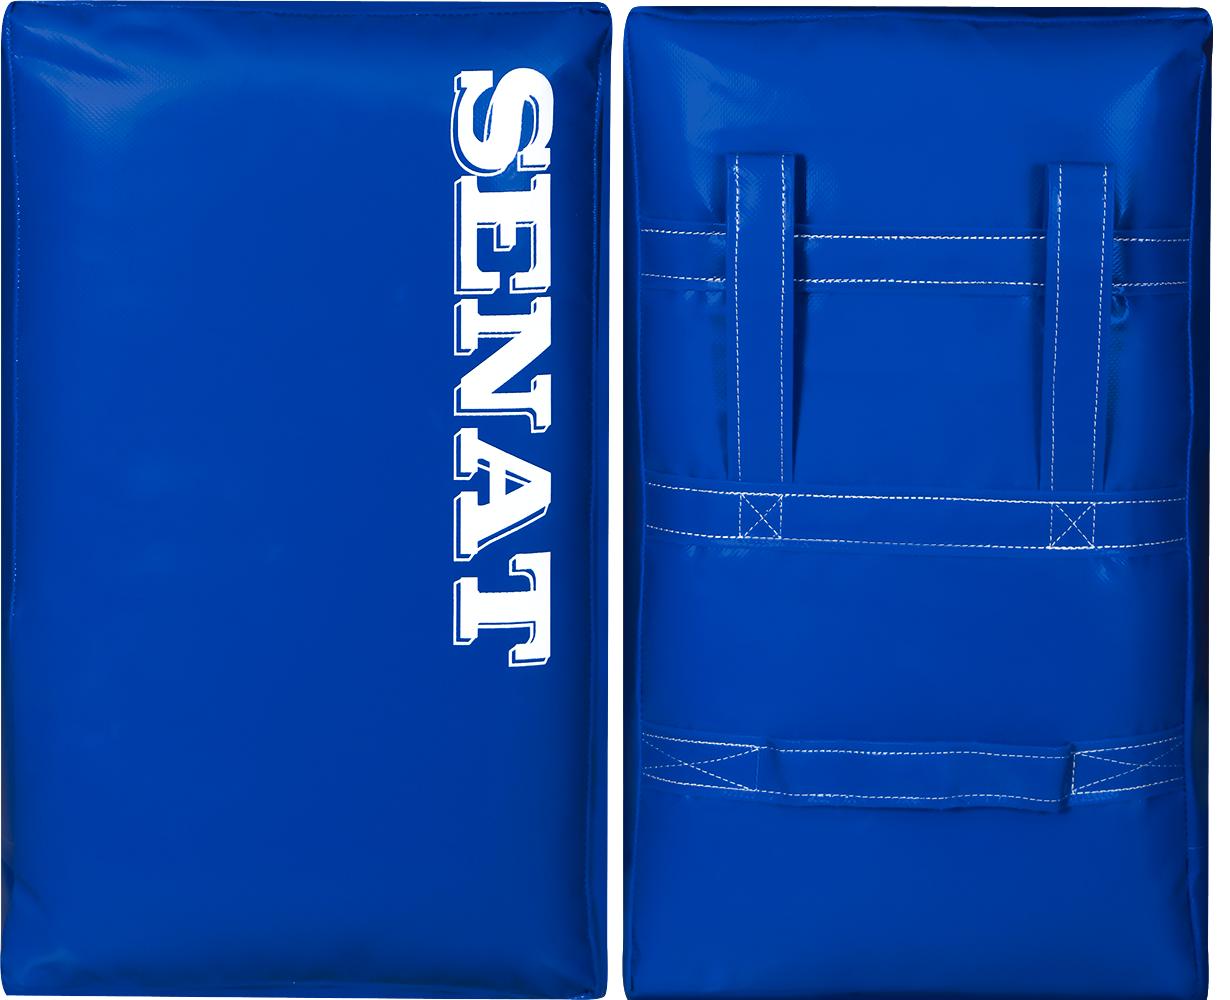 Макивара двойная, ПВХ, 58х38х17см., синяя, 1314-bl - товары для спорта, фитнеса, йоги и активного отдыха в Киеве